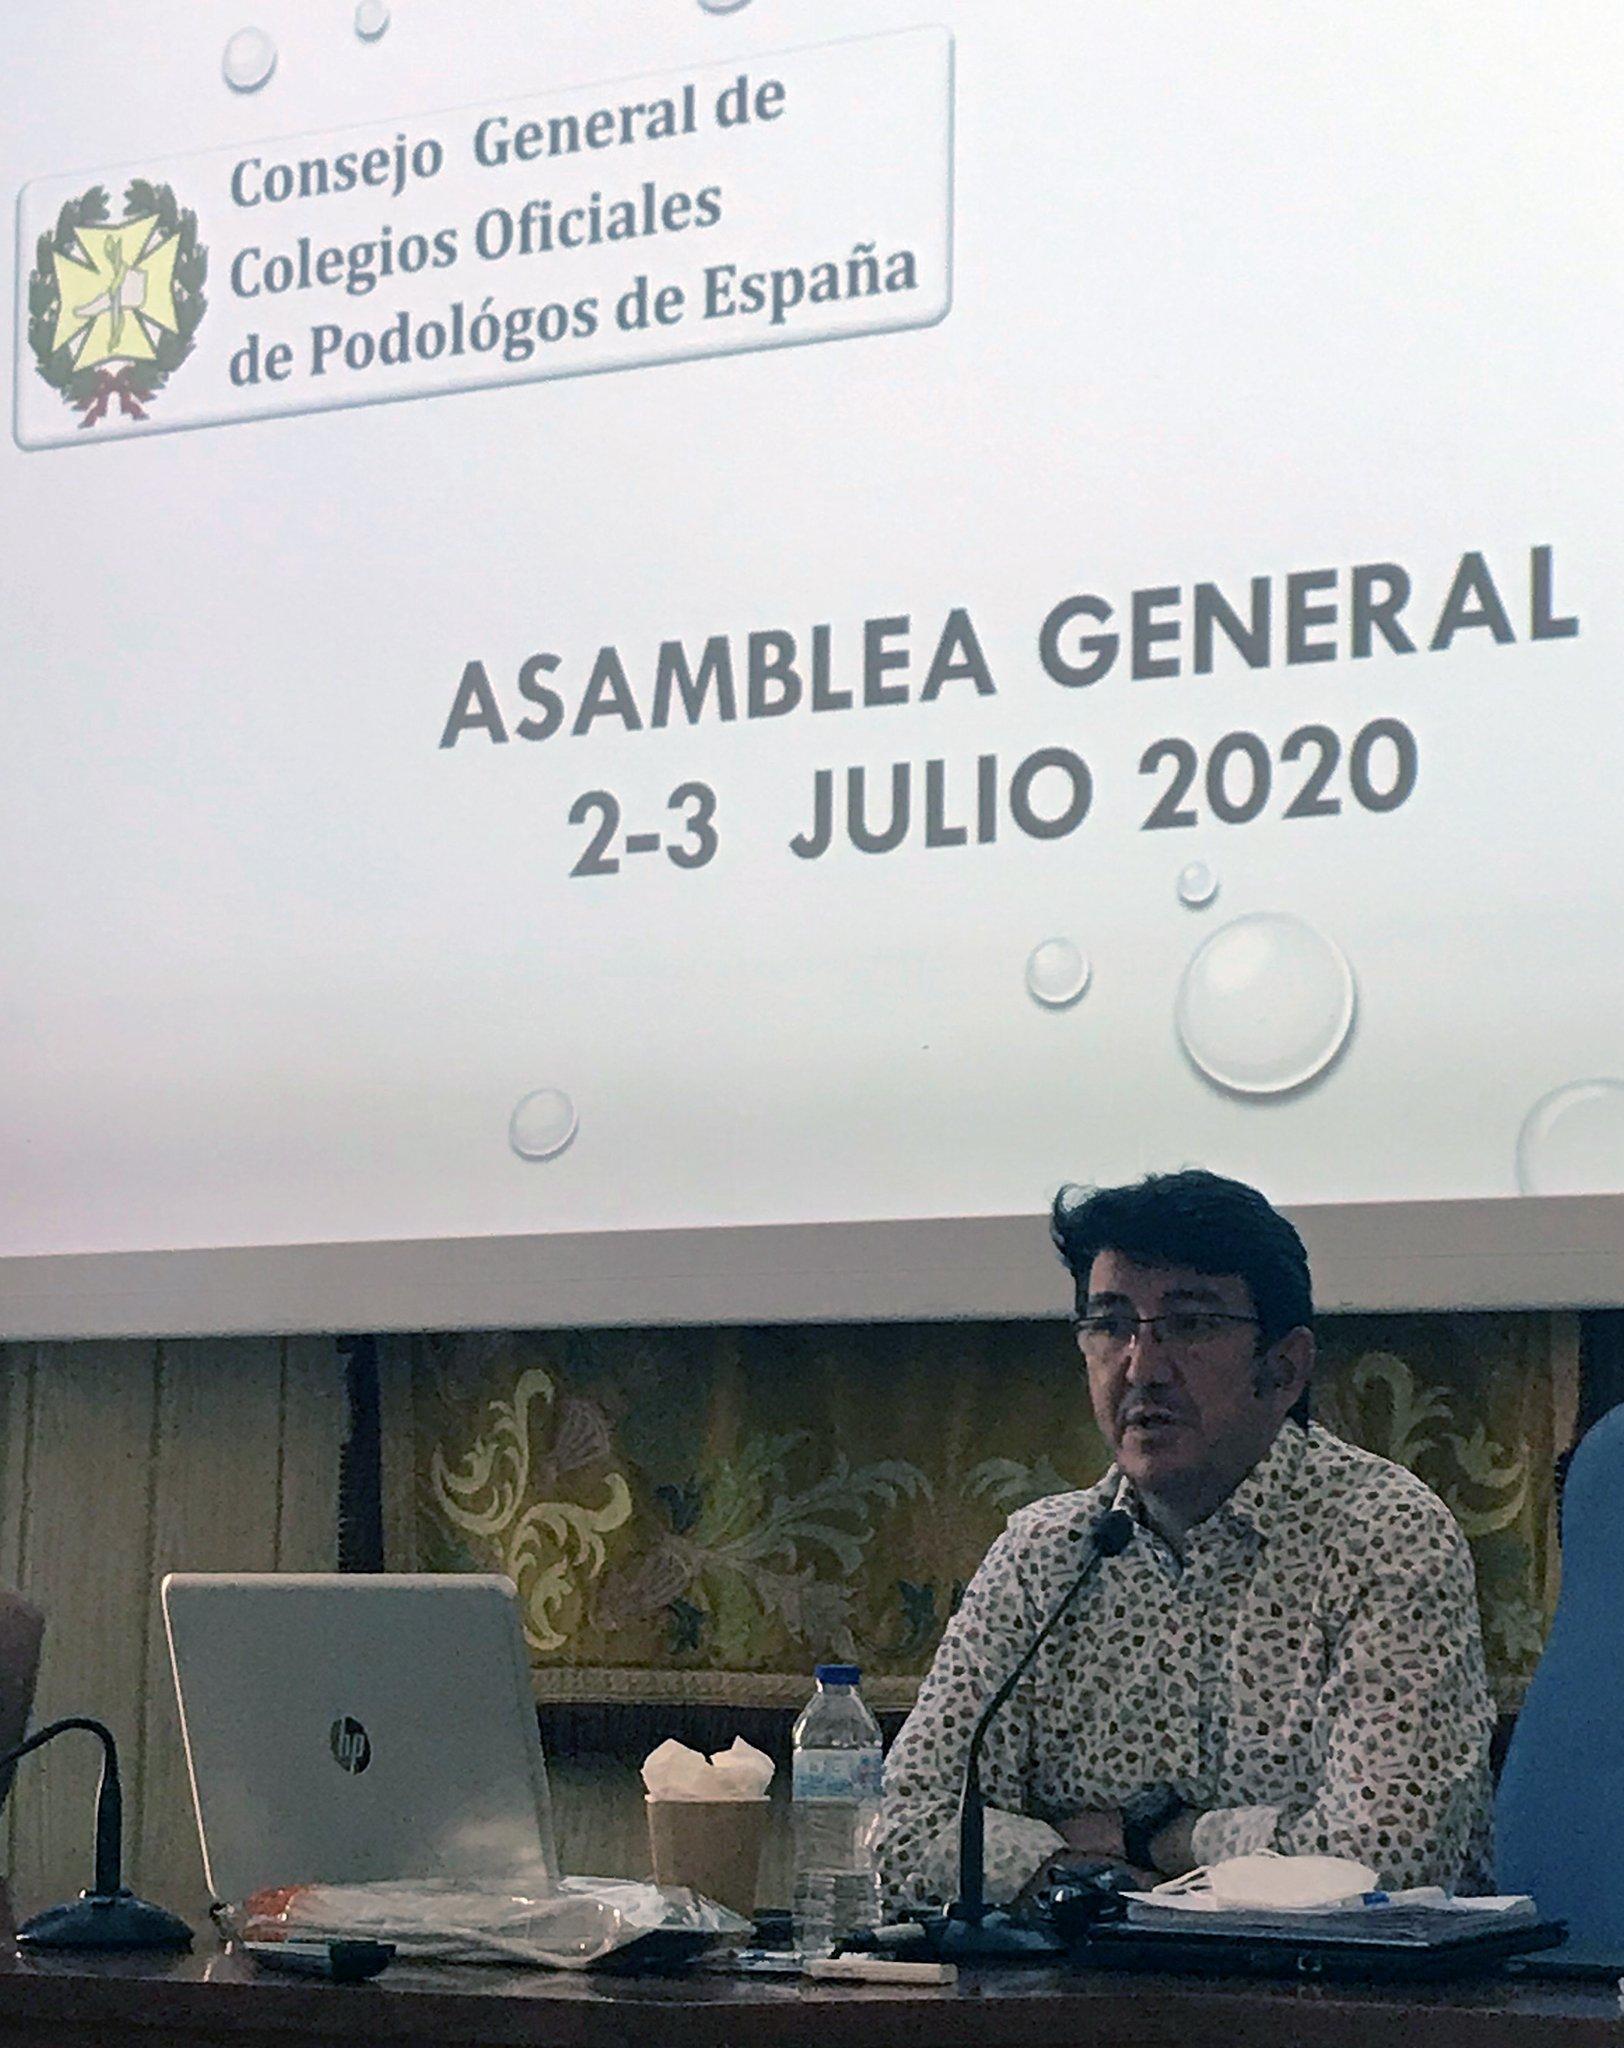 José García Mostazo dejará en septiembre la Presidencia del Consejo General de Colegios Oficiales de Podólogos